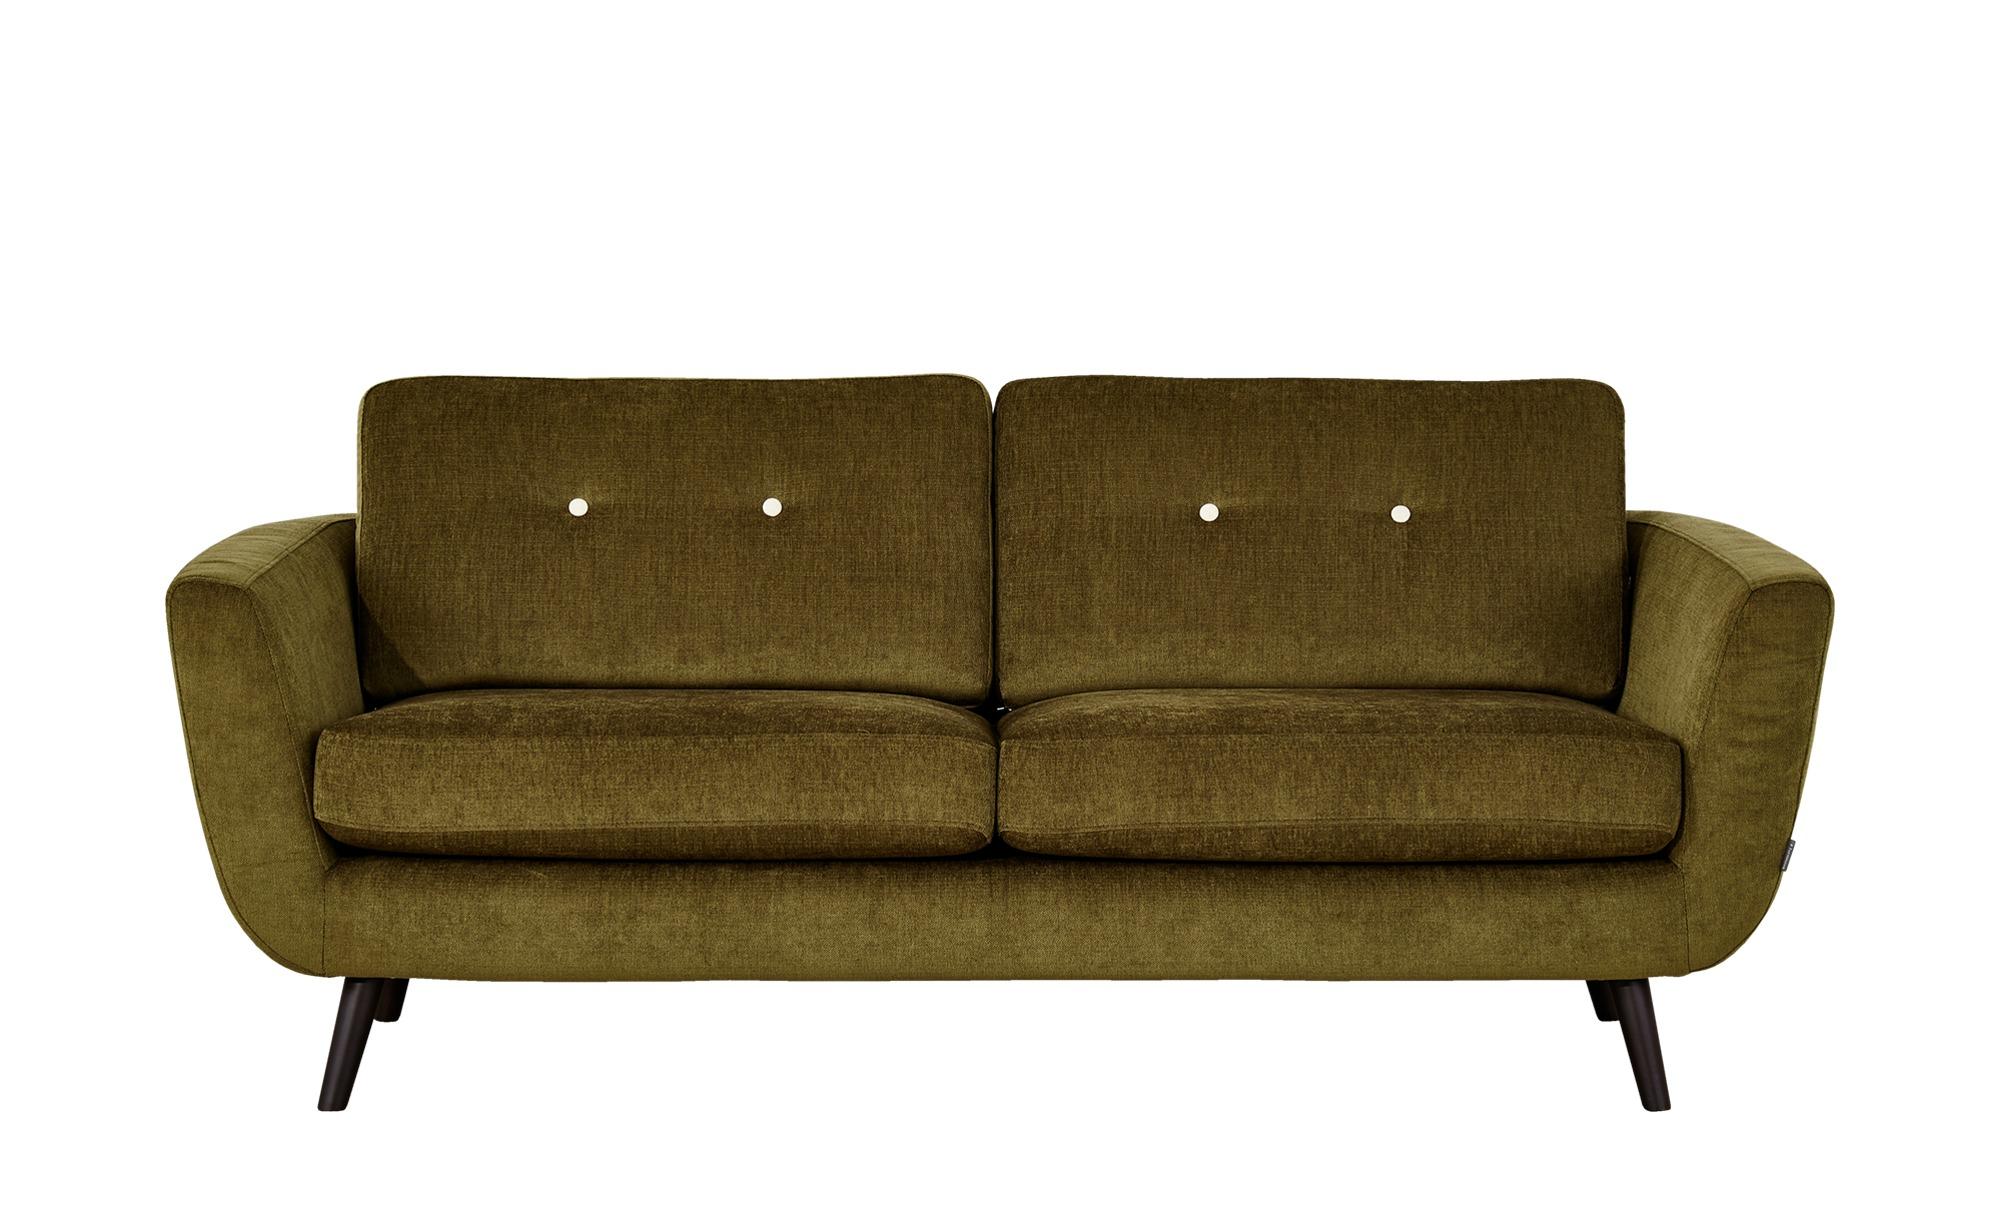 SOHO Sofa 2,5-sitzig grün - Webstoff Smilla ¦ grün ¦ Maße (cm): B: 197 H: 78 T: 93 Polstermöbel > Sofas > Einzelsofas - Höffner